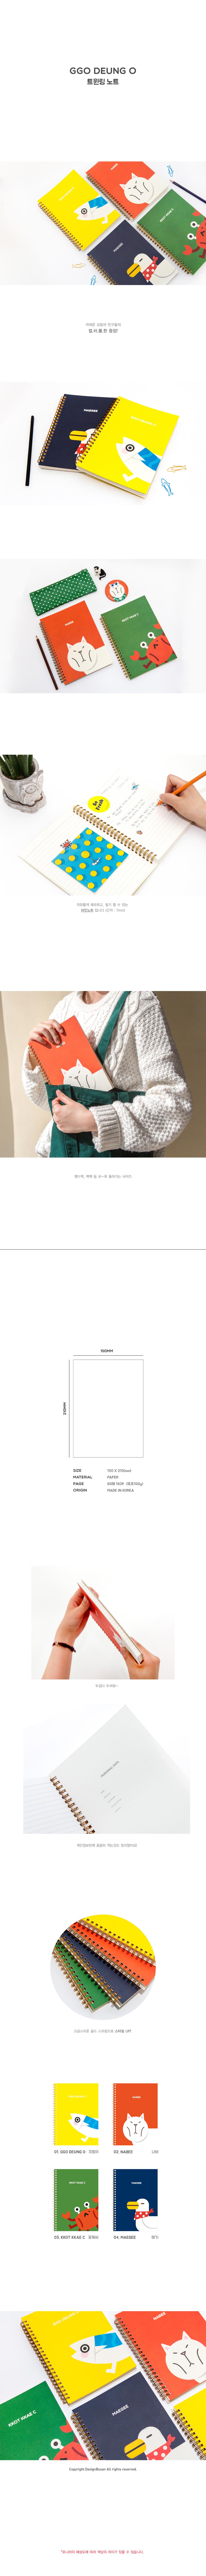 꼬등어 트윈링노트 - 디자인아이비, 4,000원, 스프링노트, 유선노트